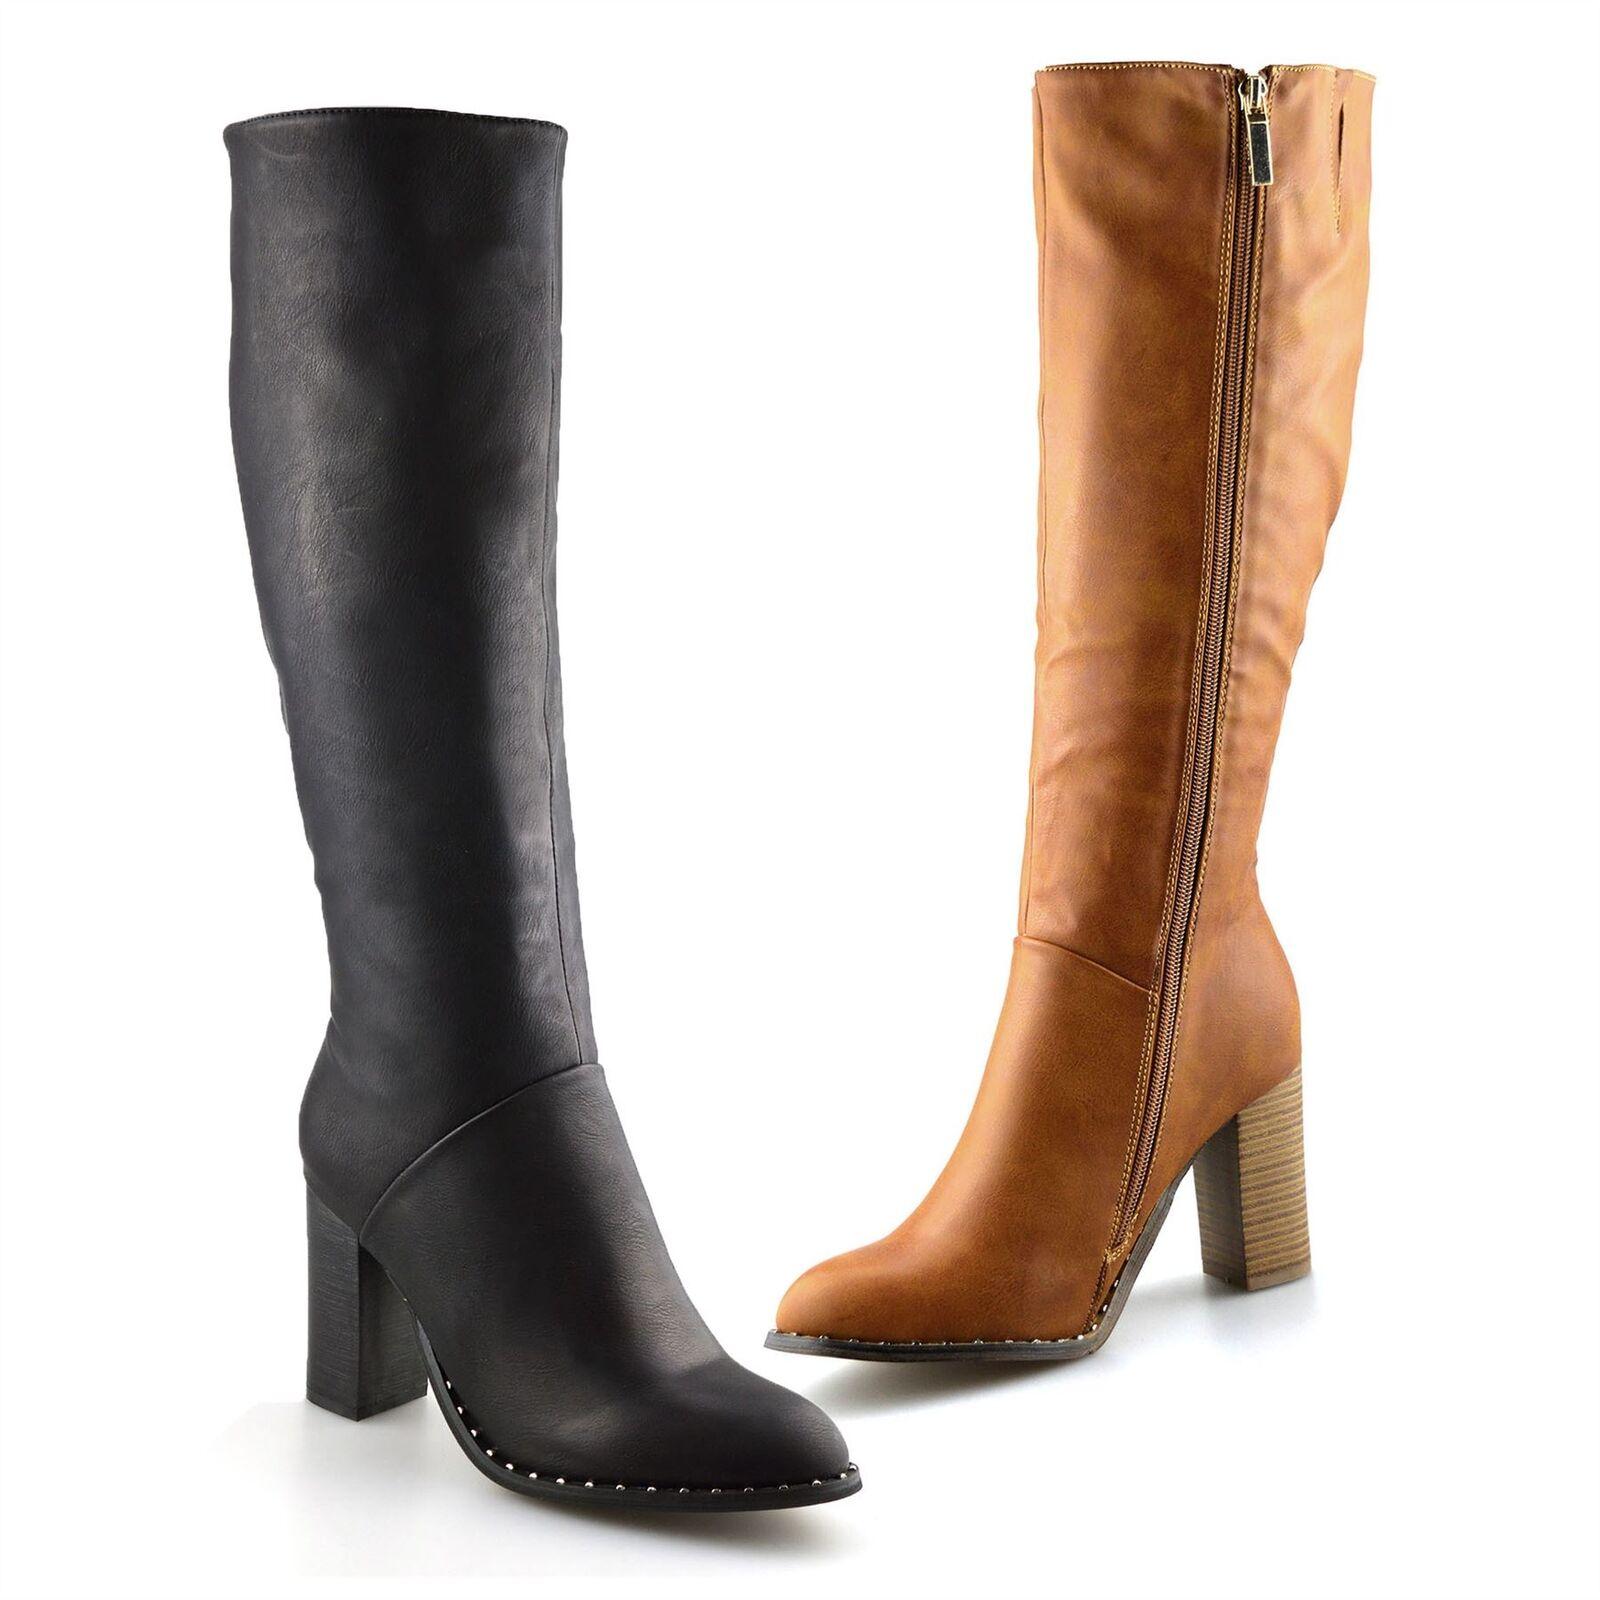 Ladies Womens Knee High Block Heel Zip Up Winter Riding Biker Boots Shoes Size